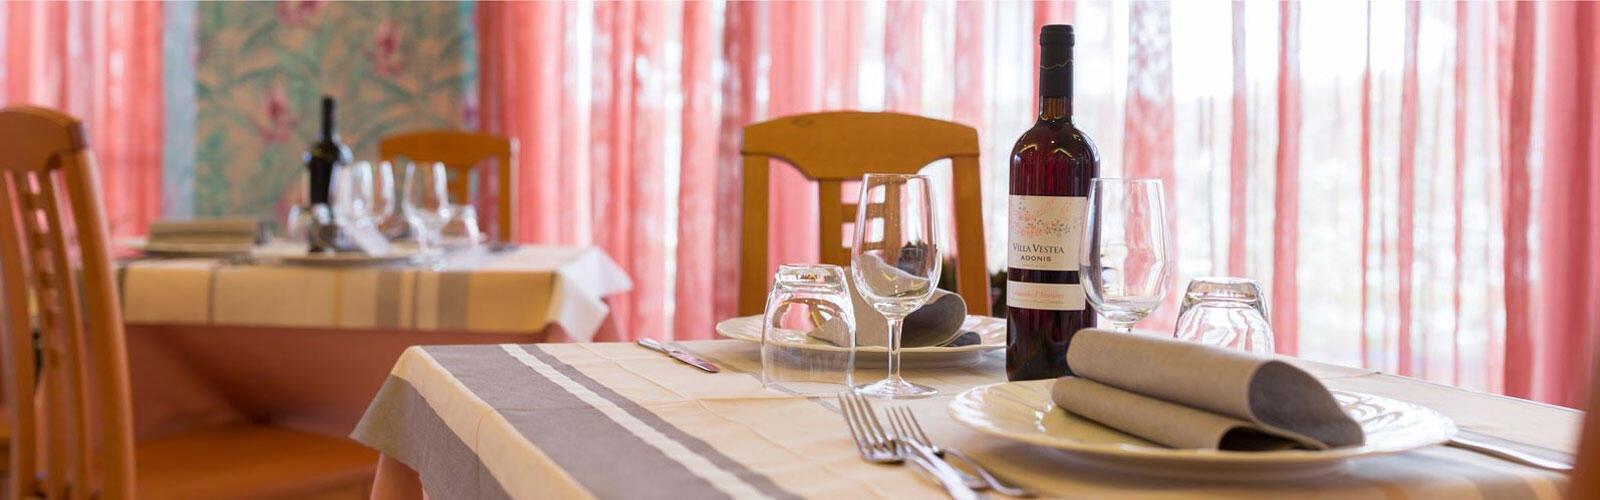 hotellaninfea it il-ristorante 003